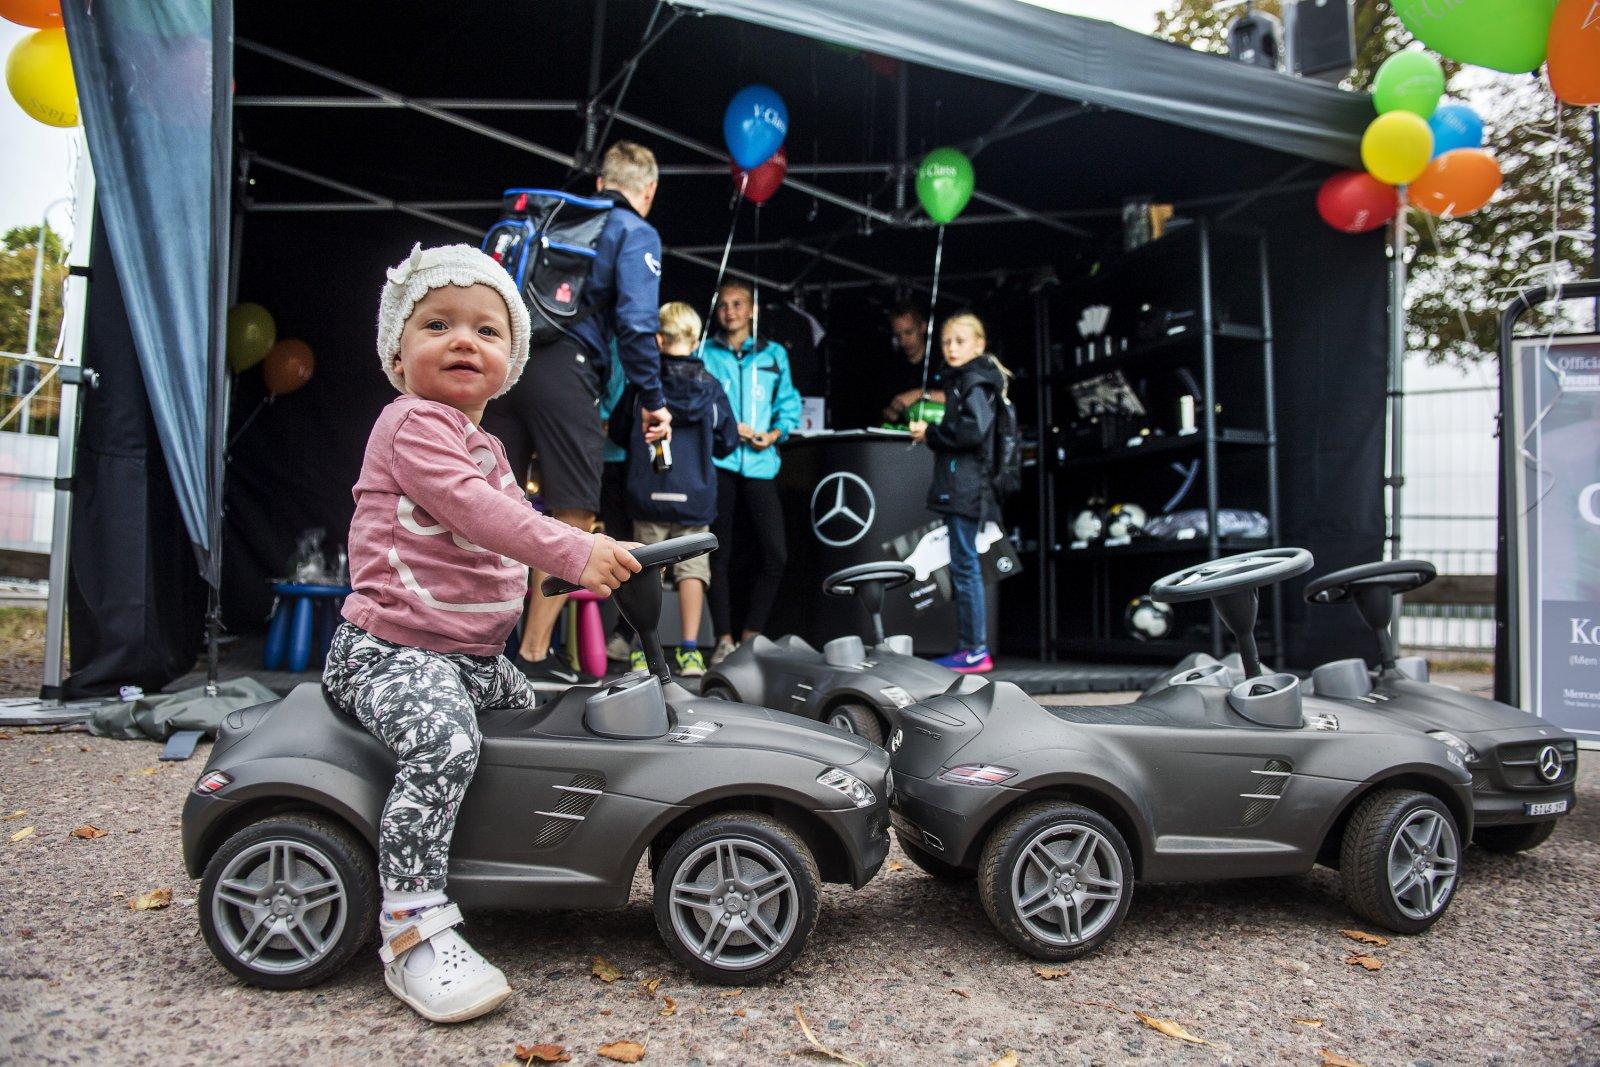 20160817 KALMAR. Fotografering av Mercedes marknadsaktiviteter samt Åsa Lundström under Mini-Tri i Kalmar.Saga, 13 månader, testar en Mercedes. Foto:SUVAD MRKONJIC Code10042